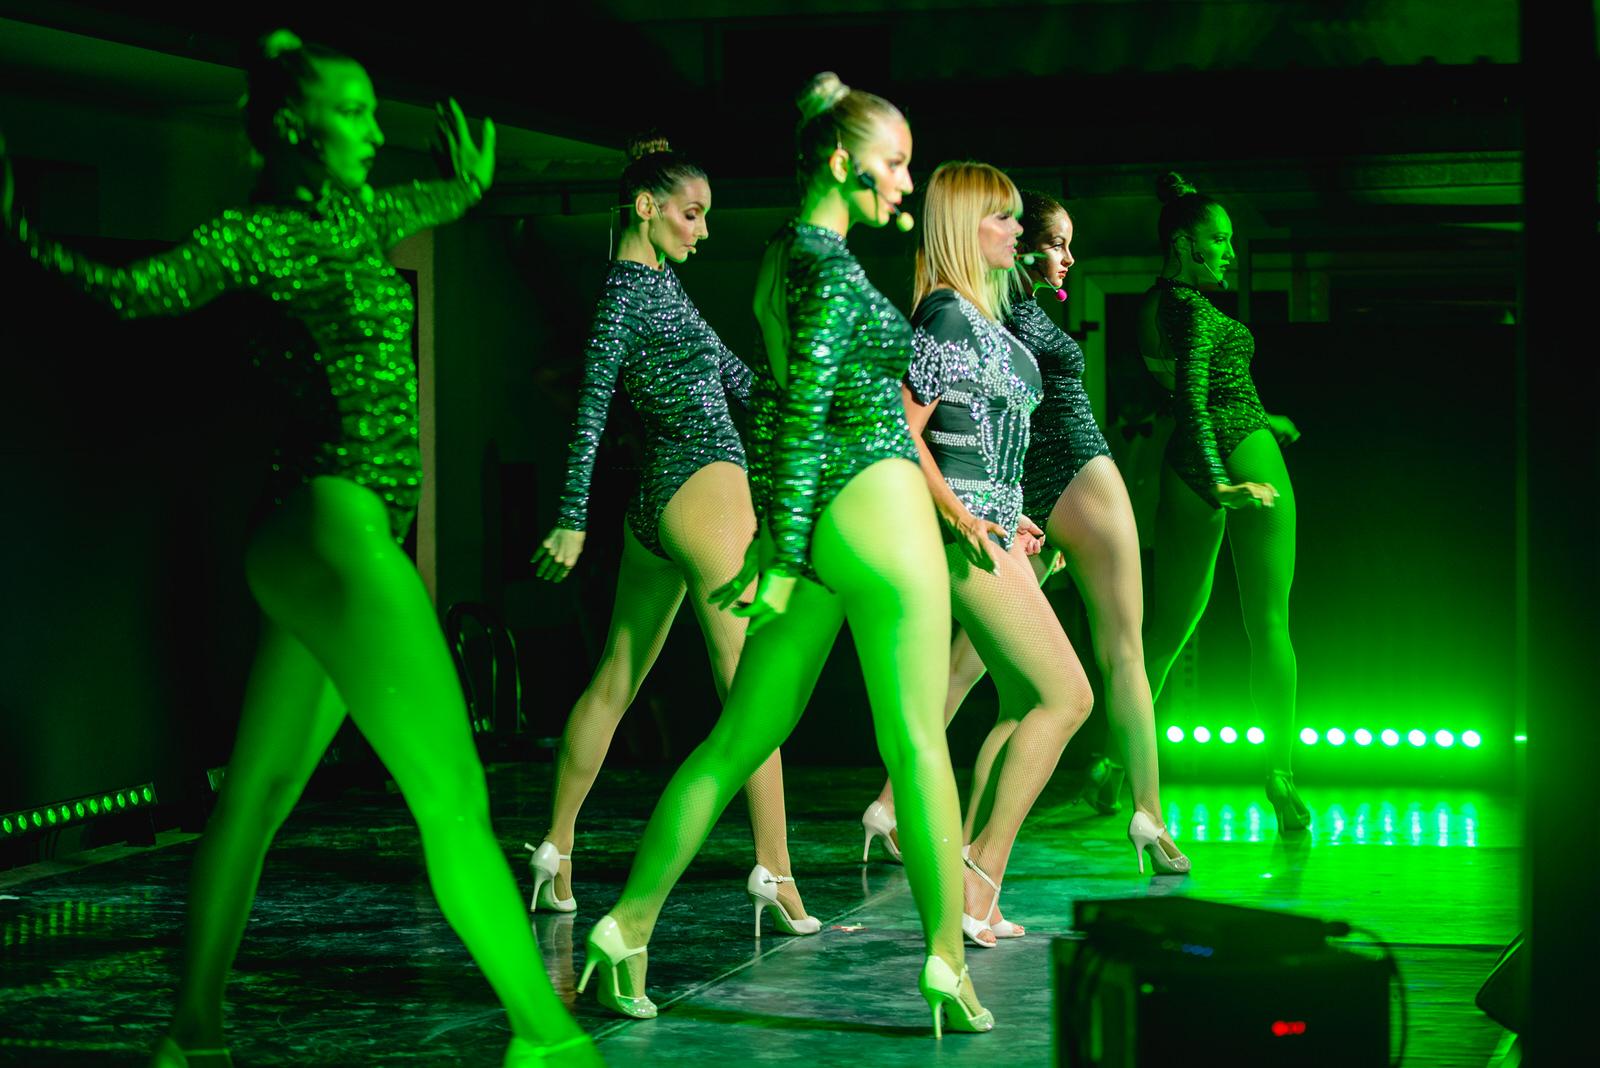 likaclub_gug_mila show i gosti_27_7_2020 (17)